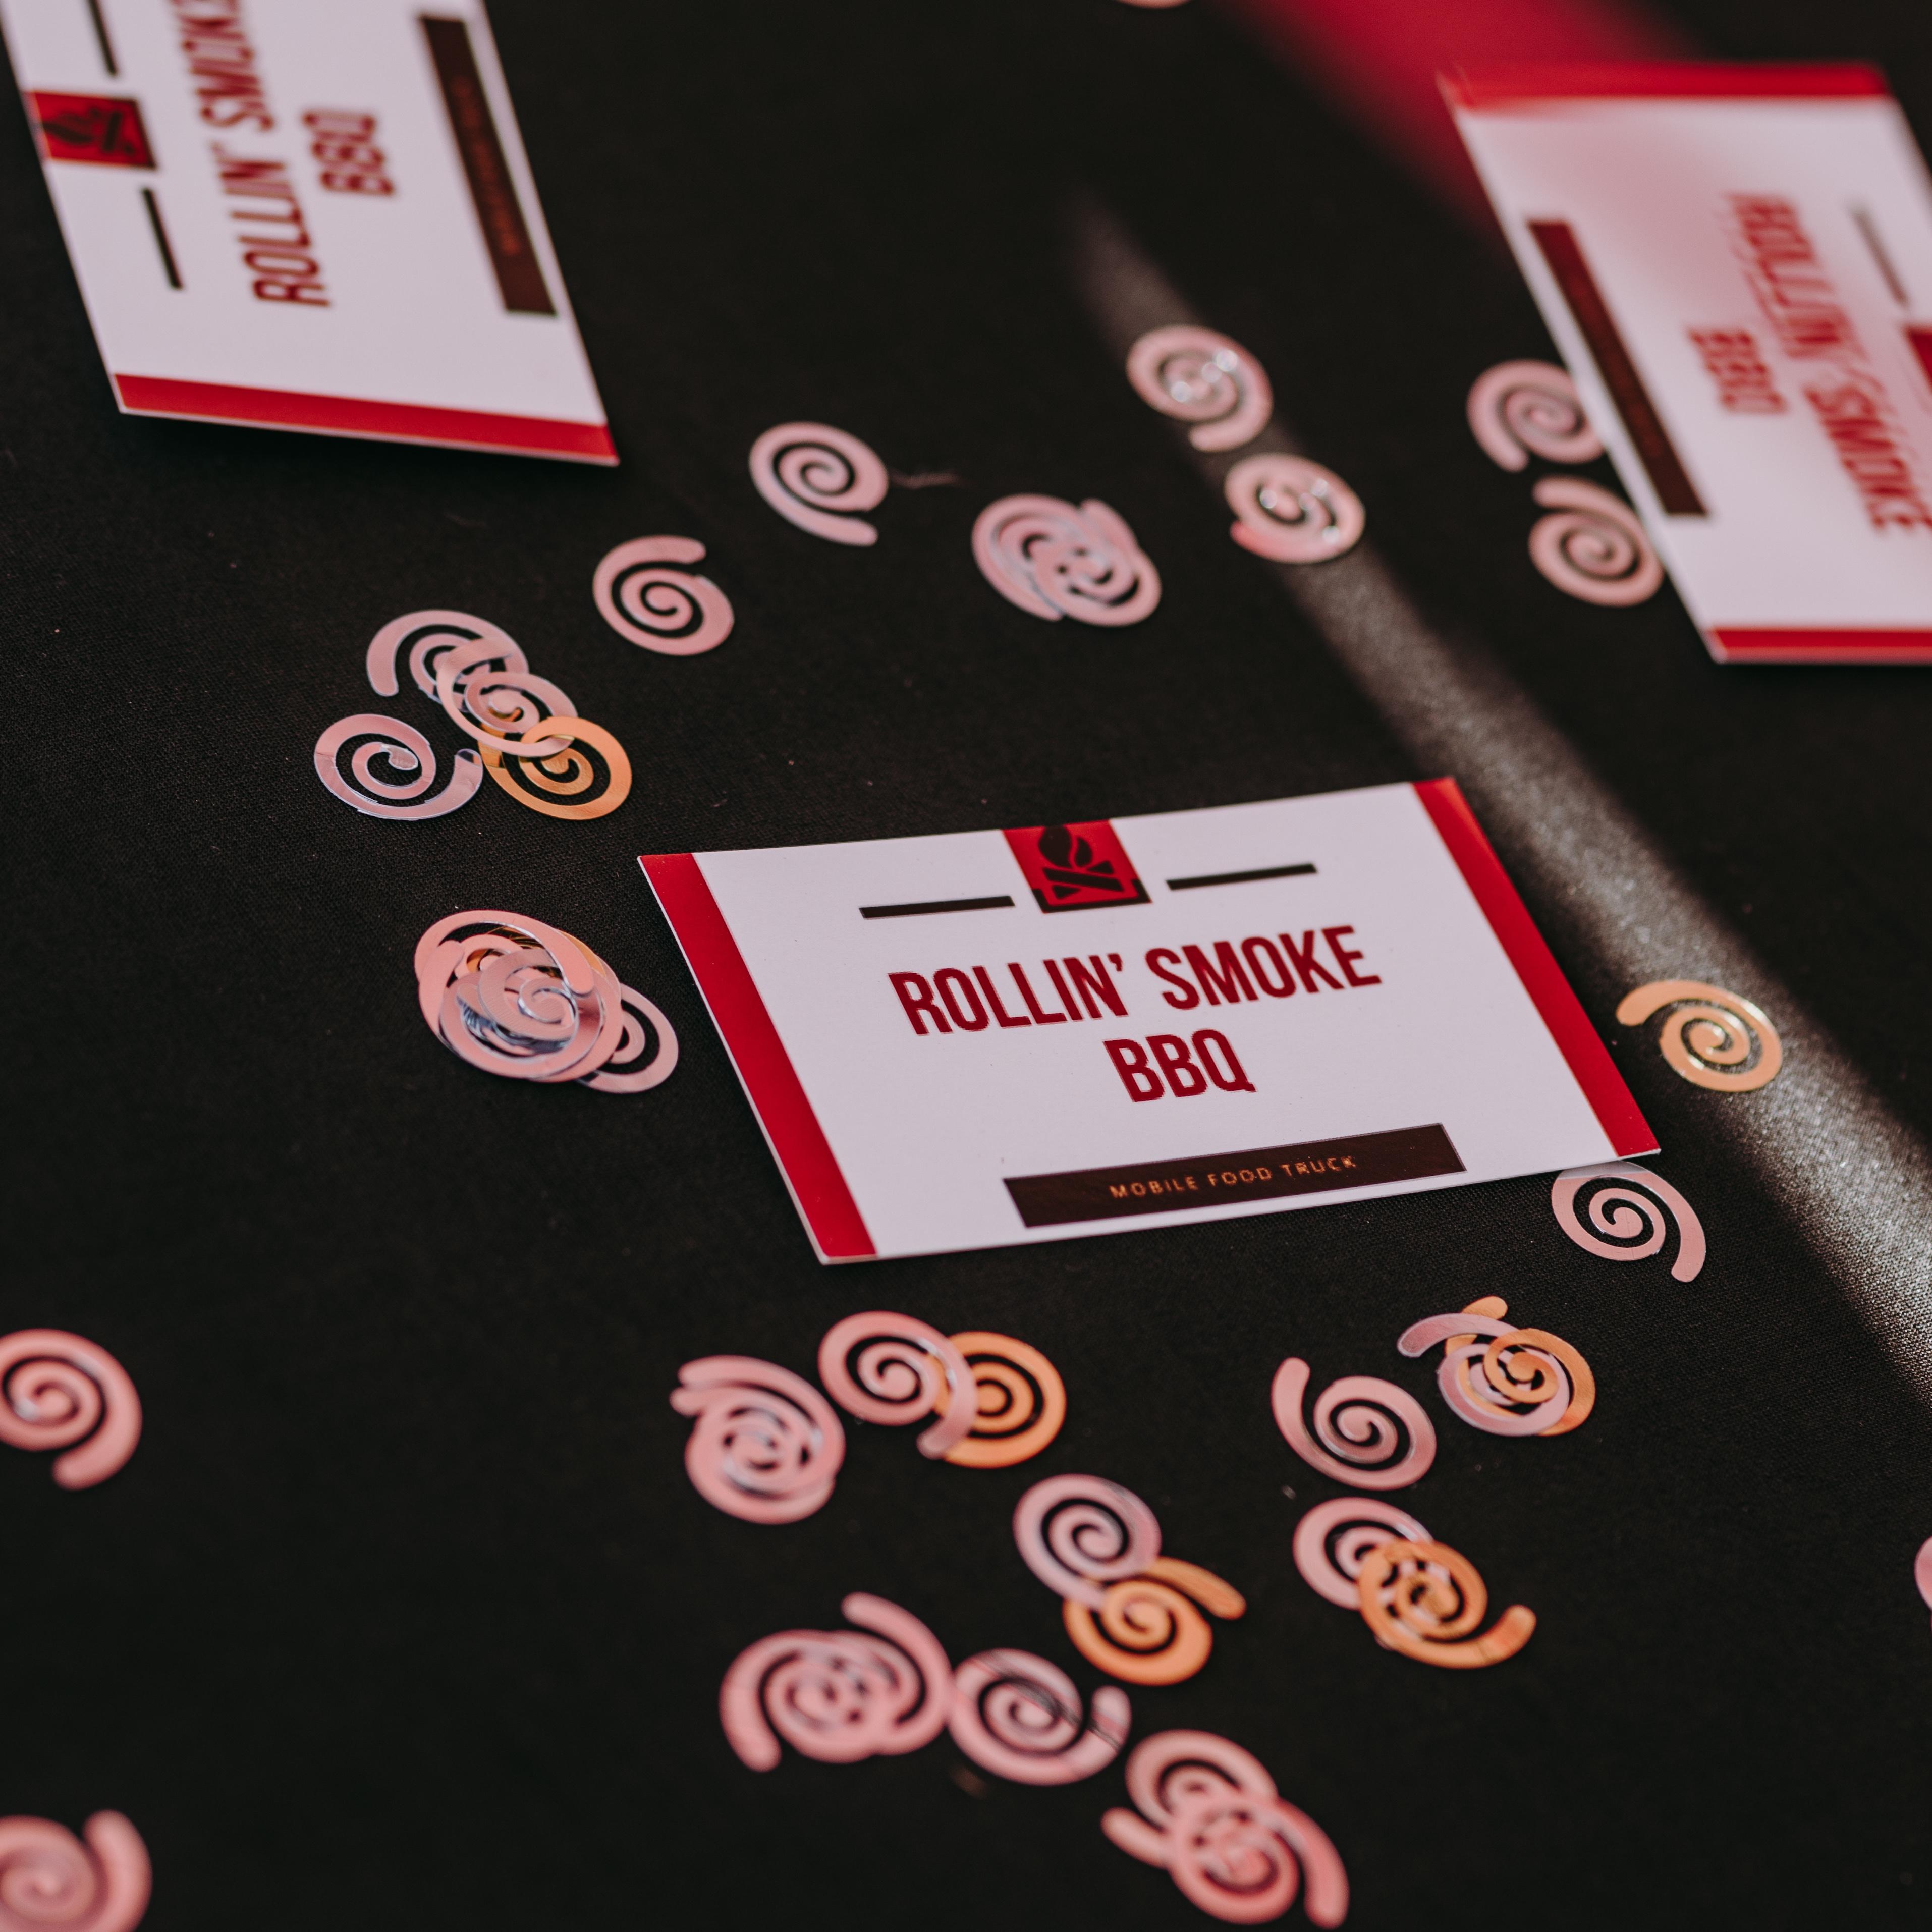 Rollin Smoke BBQ  food truck profile image